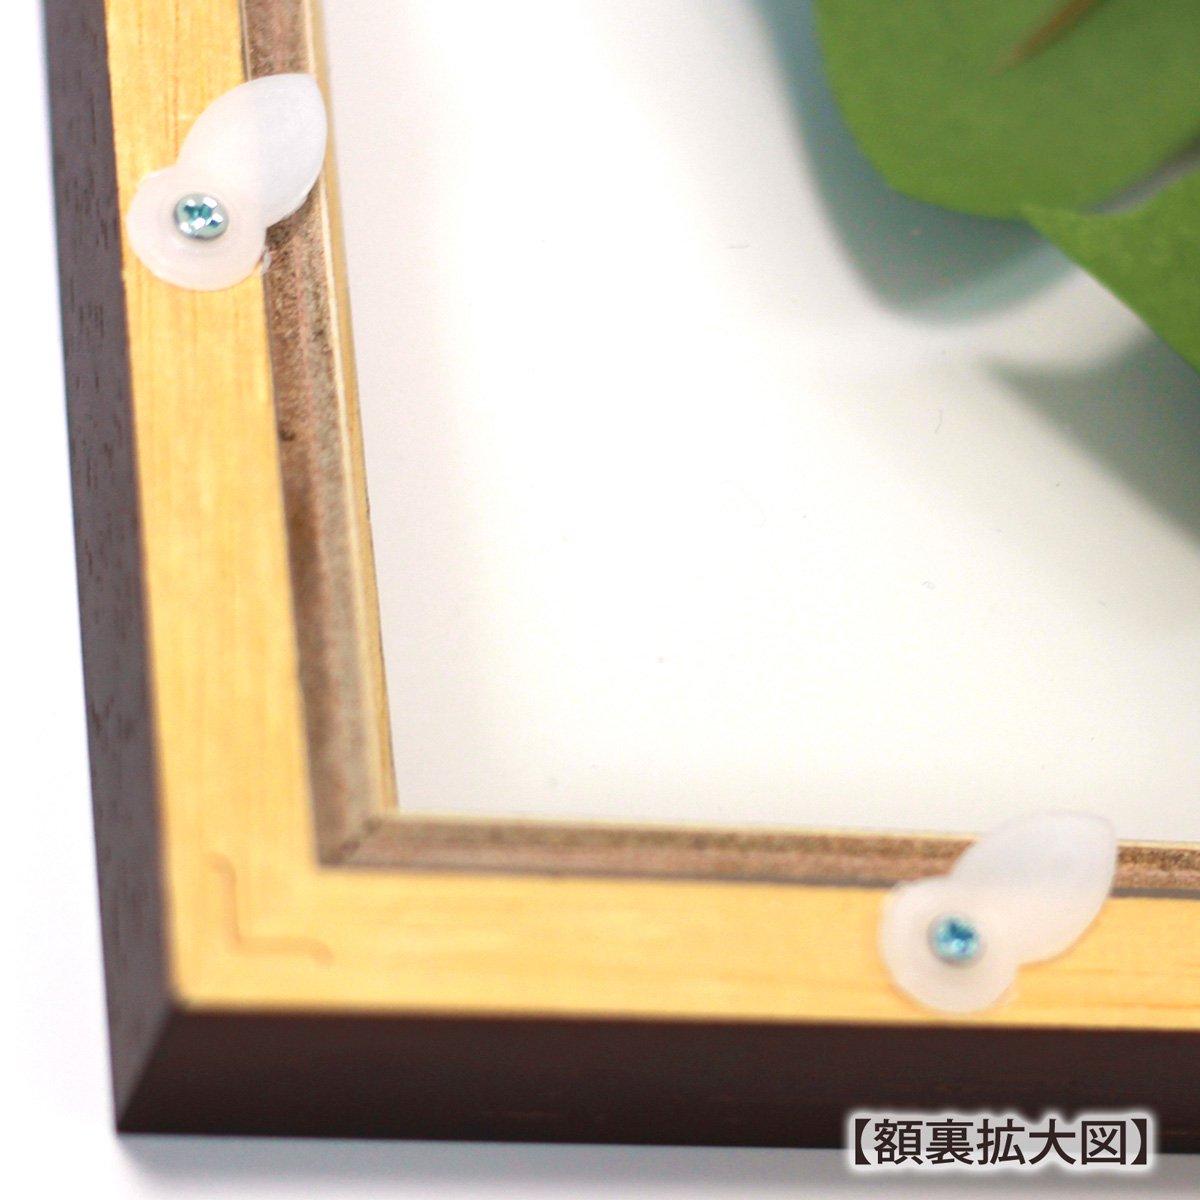 壁掛け入門セット(リーフパネル+壁掛けフィロ+Jフック+細釘)